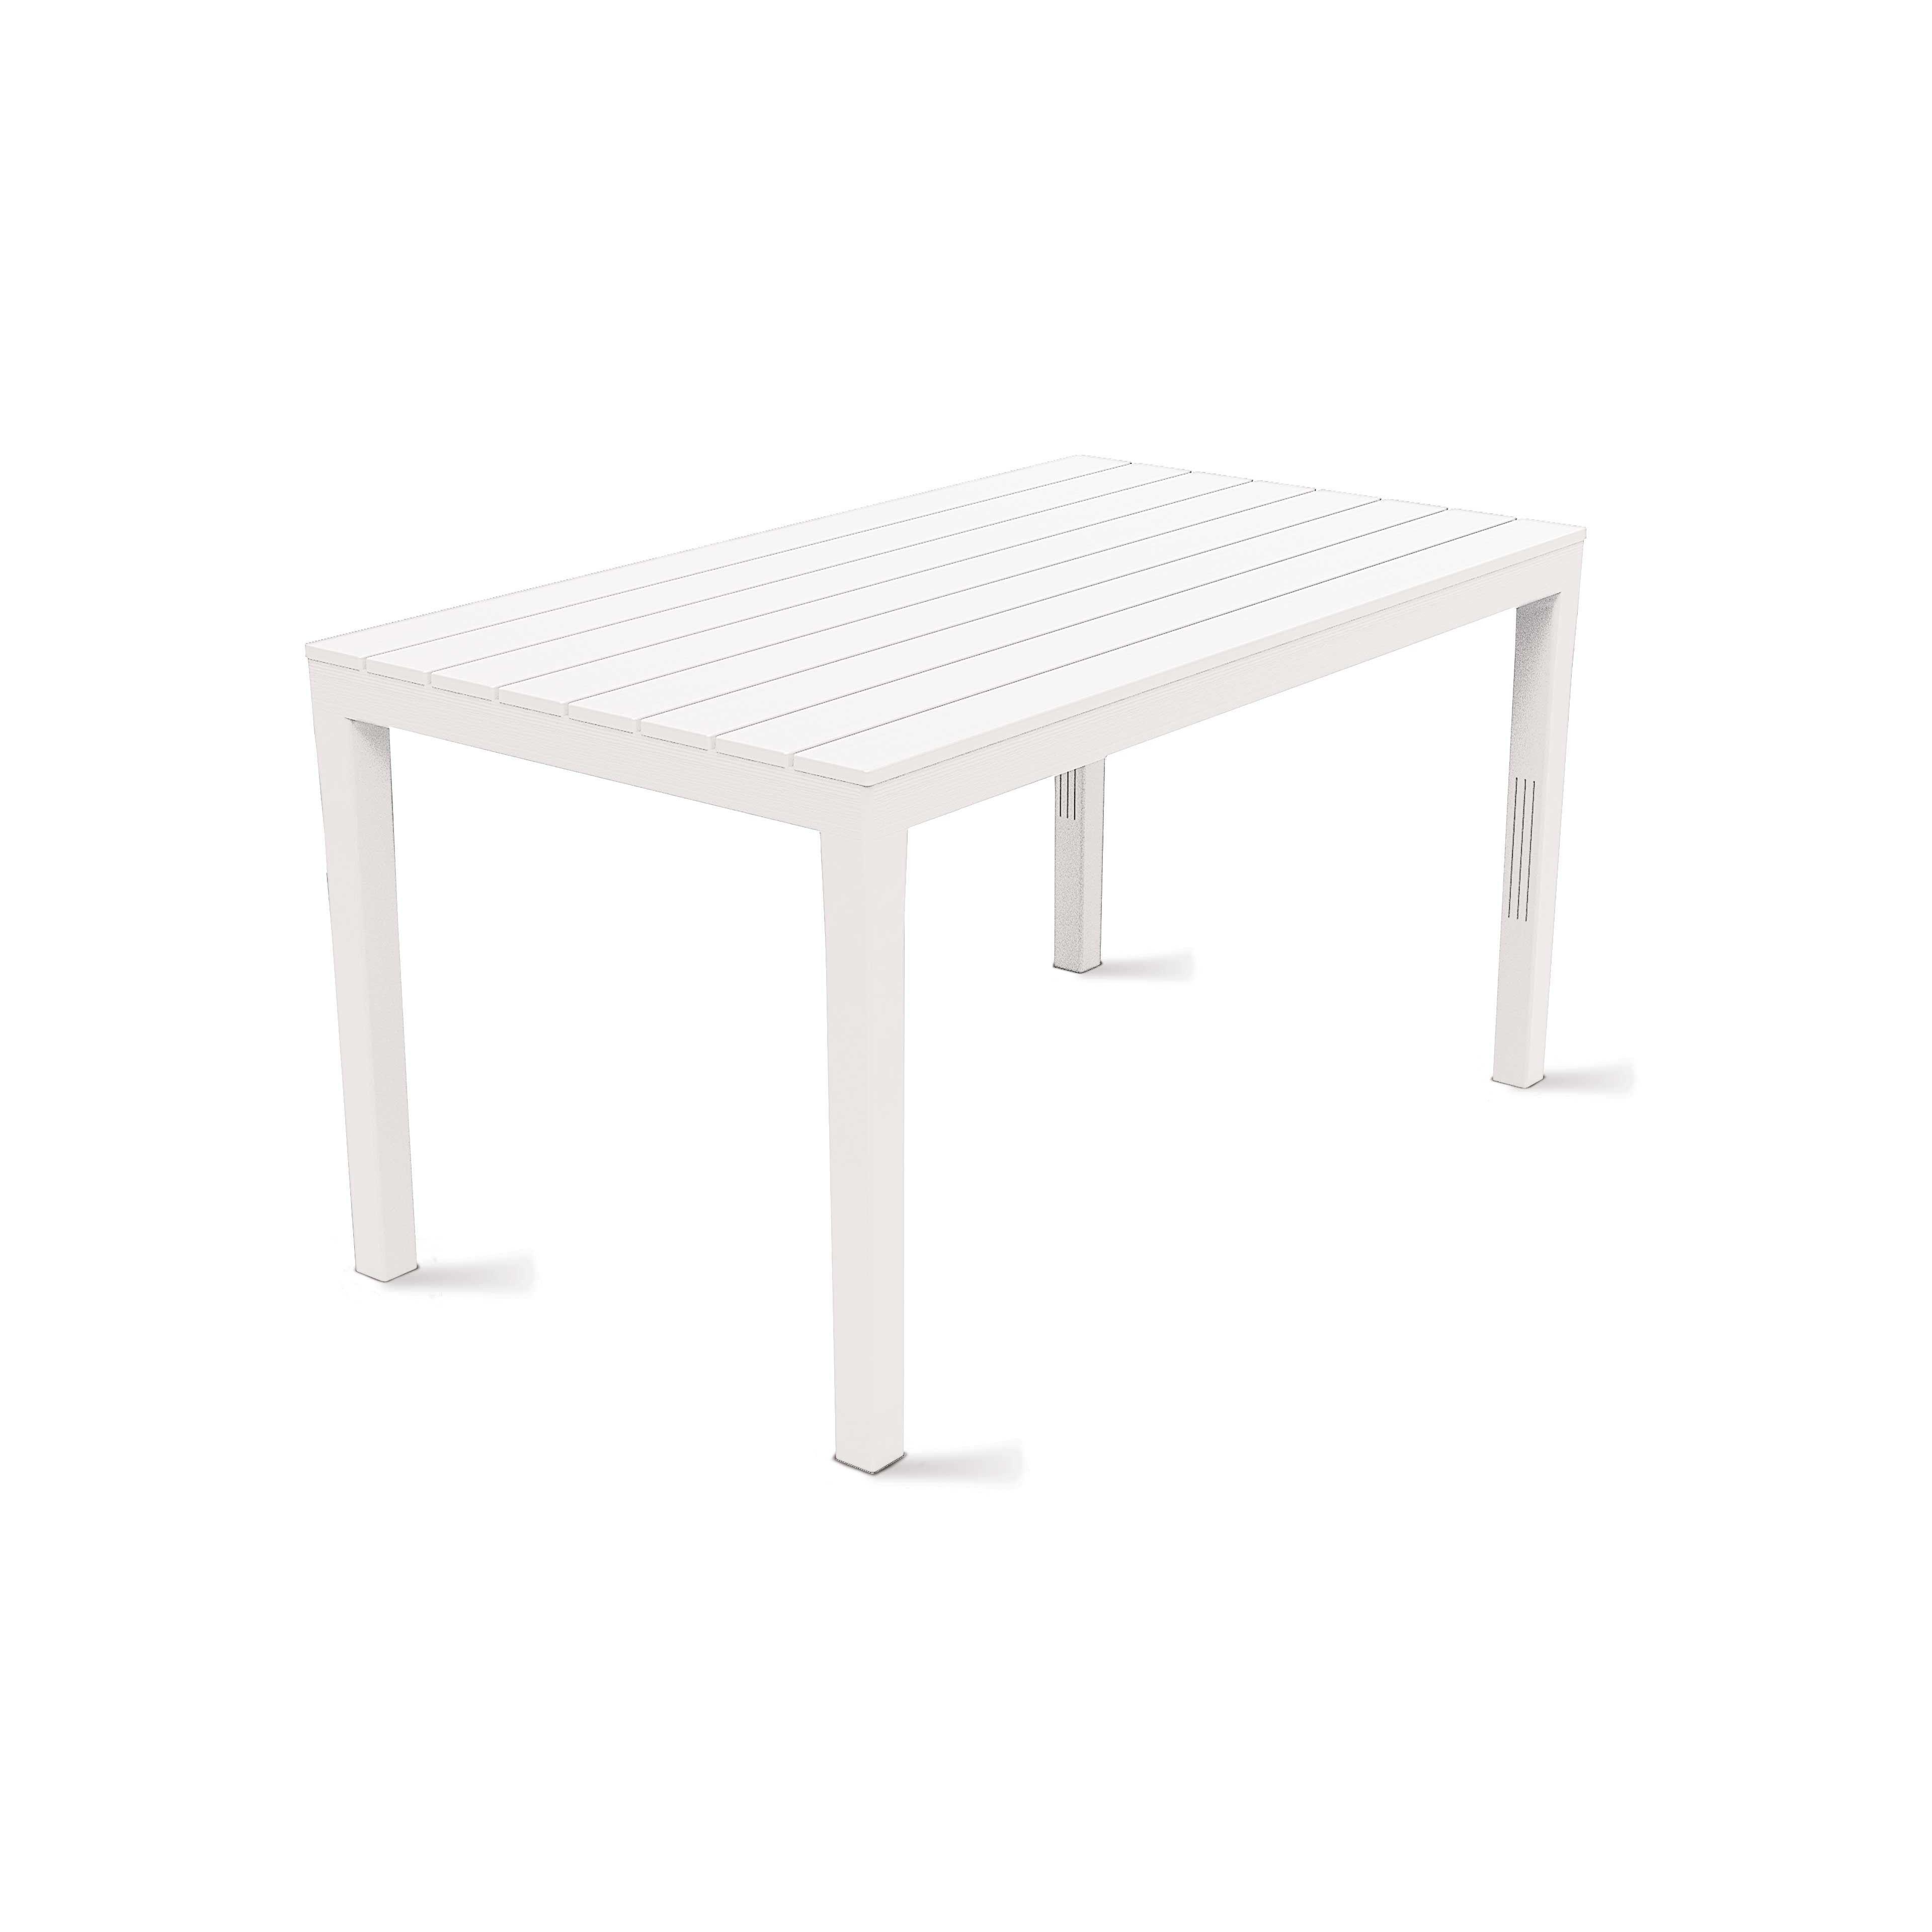 Table de jardin grise en plastique